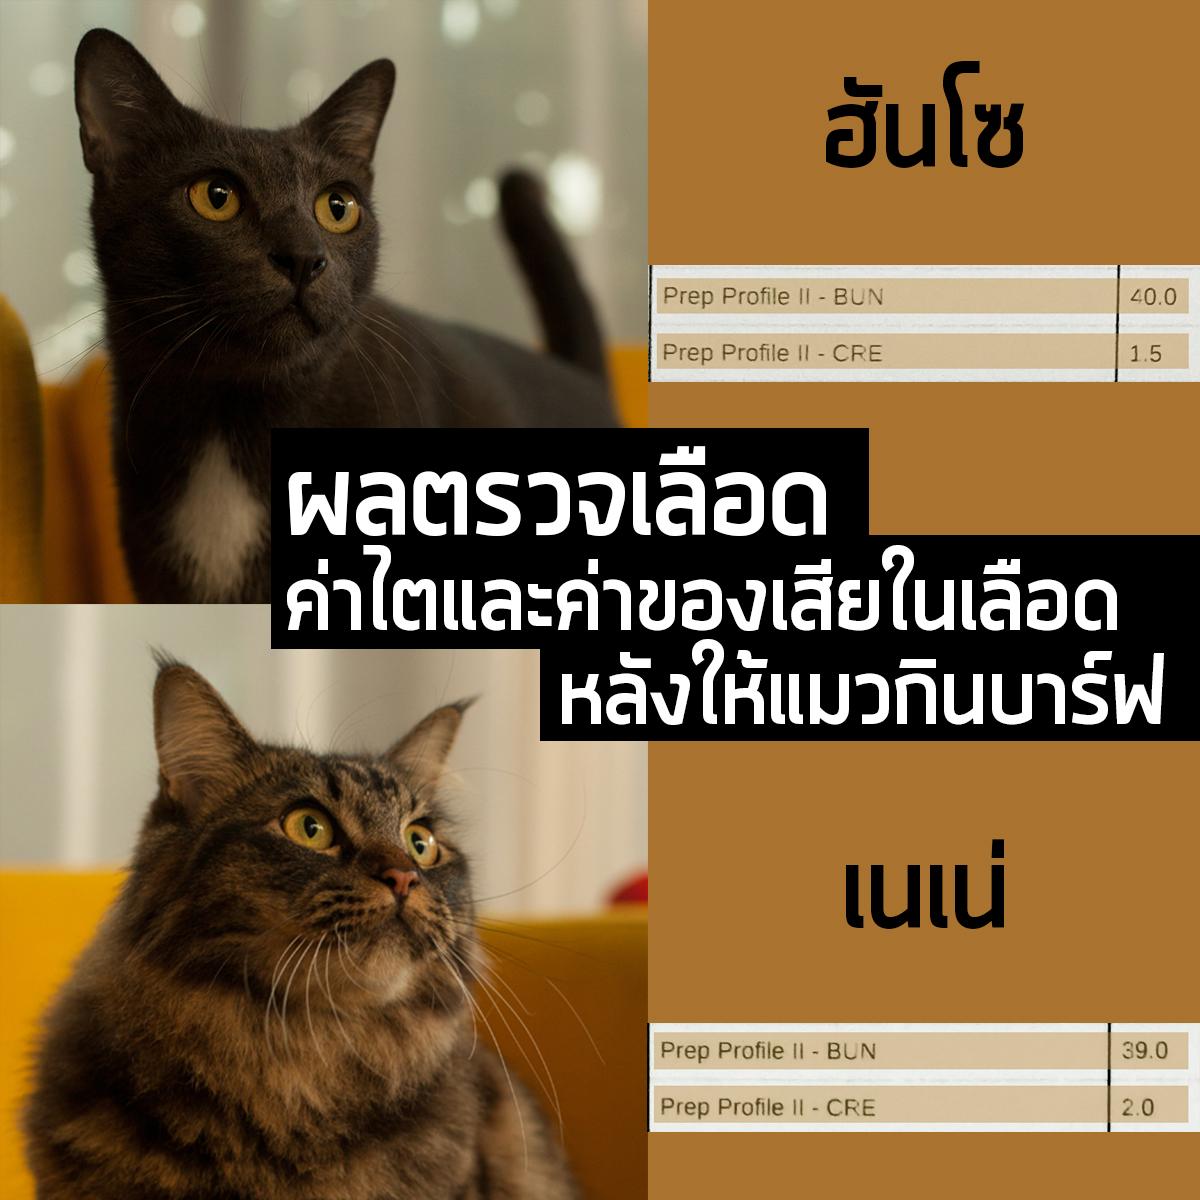 ให้แมวกินบาร์ฟทำให้ค่าไตสูงจริงหรือไม่? (ตอนที่ 2)